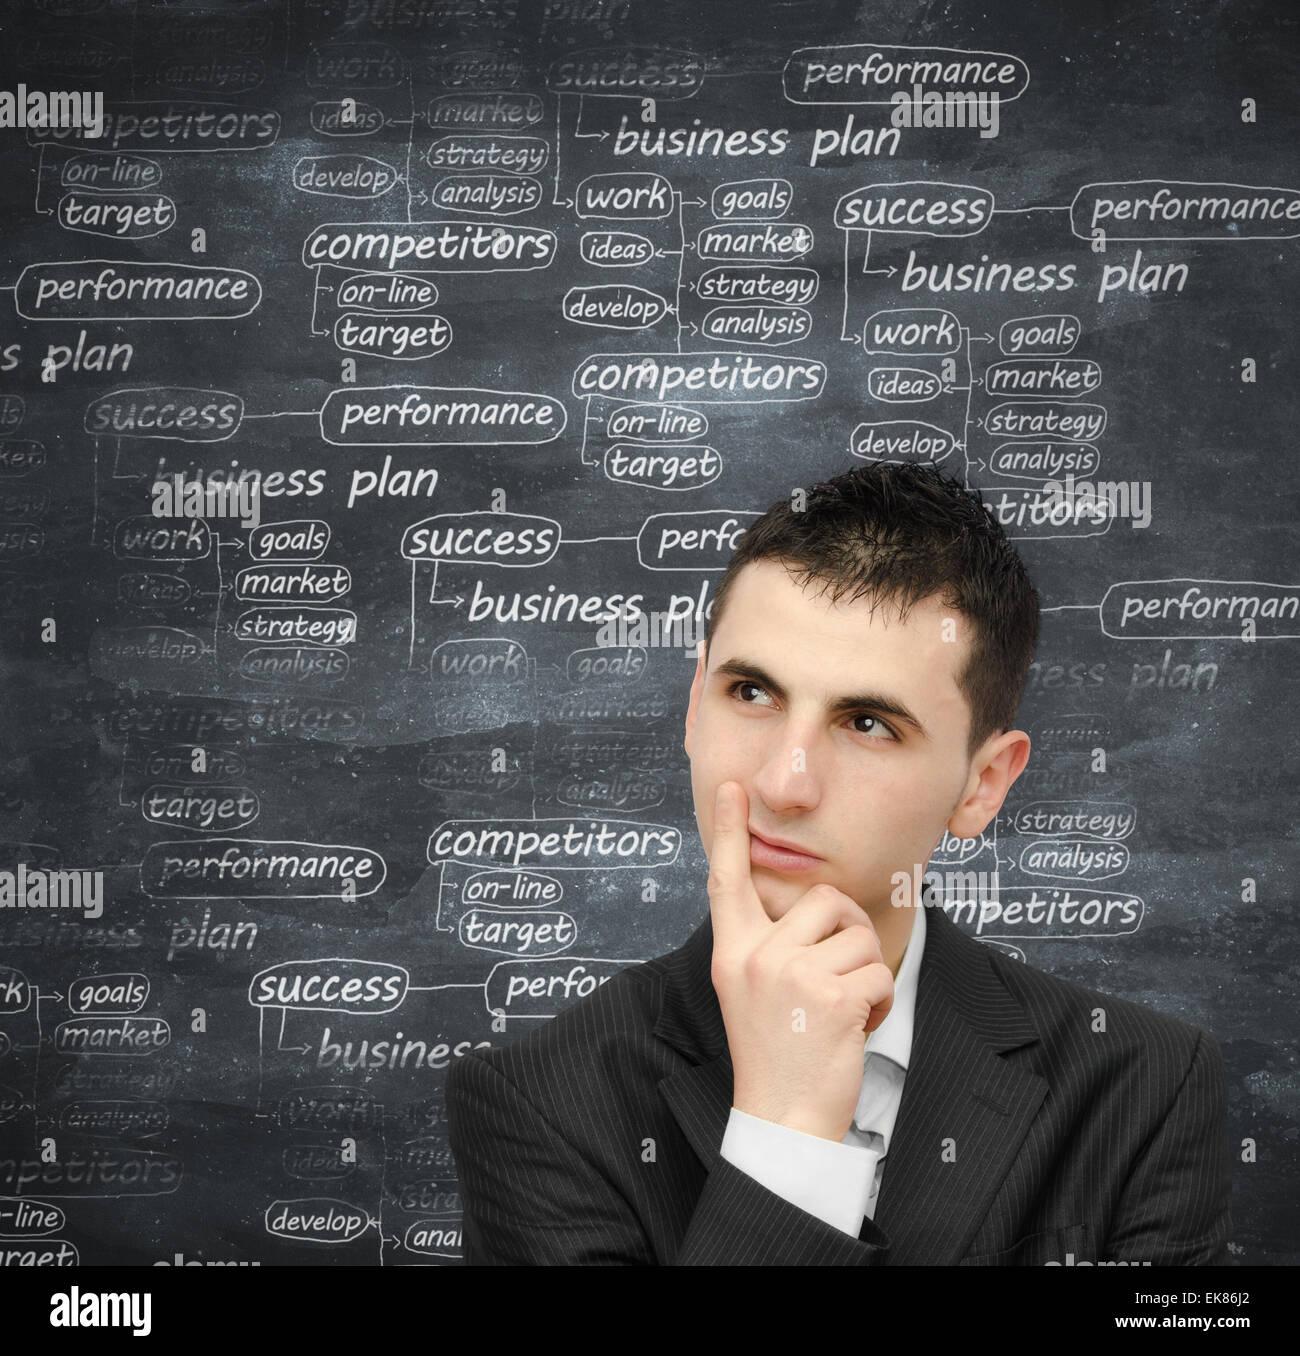 Desarrollar un plan de negocios Imagen De Stock